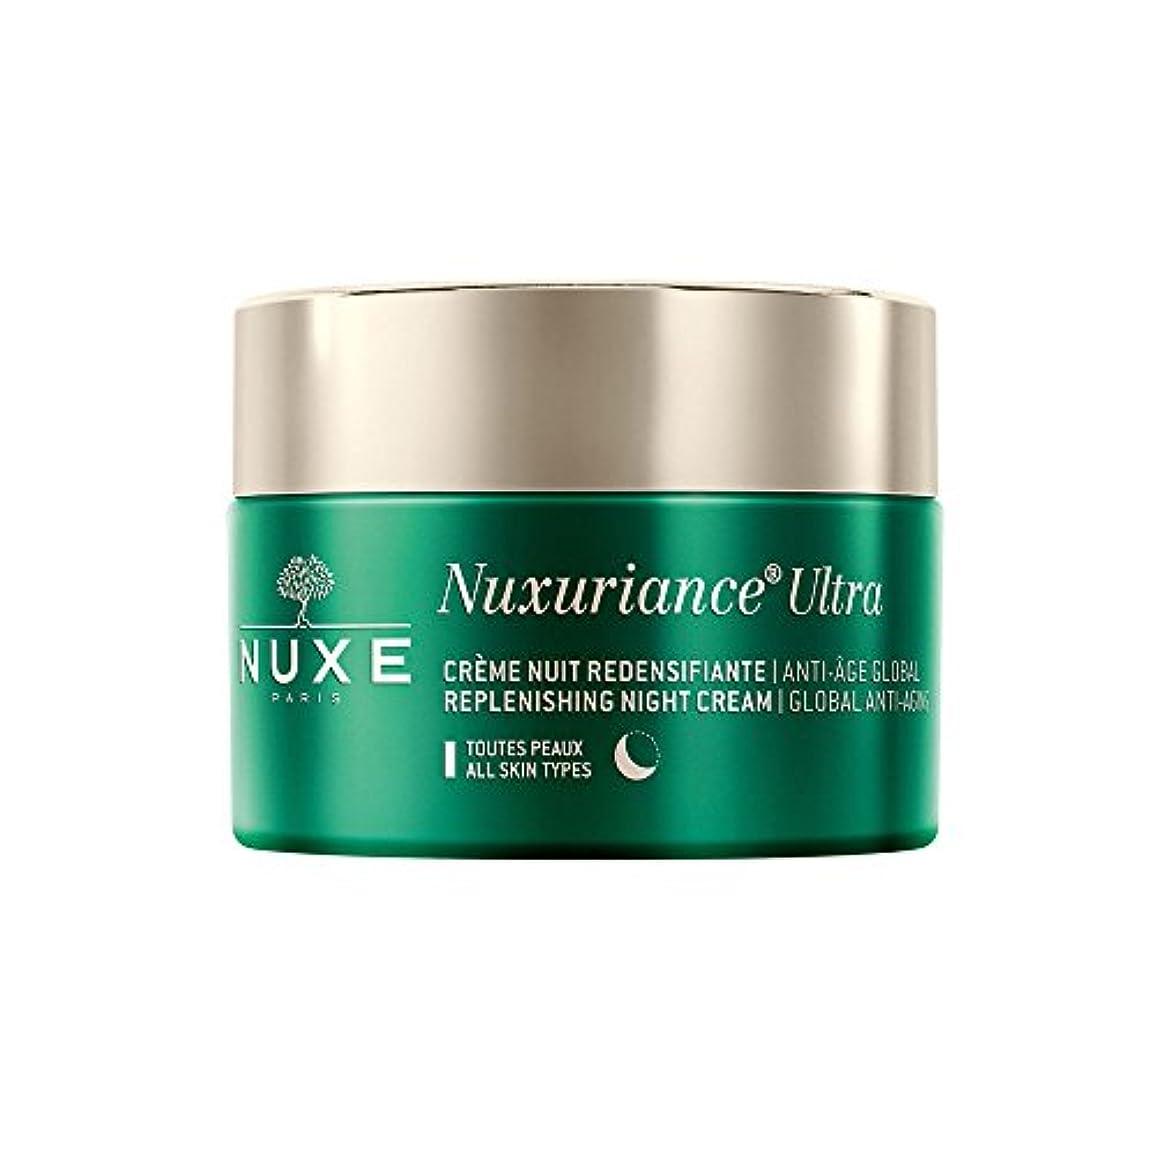 ニンニク誇張する傾くニュクス(NUXE) ニュクスリアンス UR ナイト クリーム 50mL